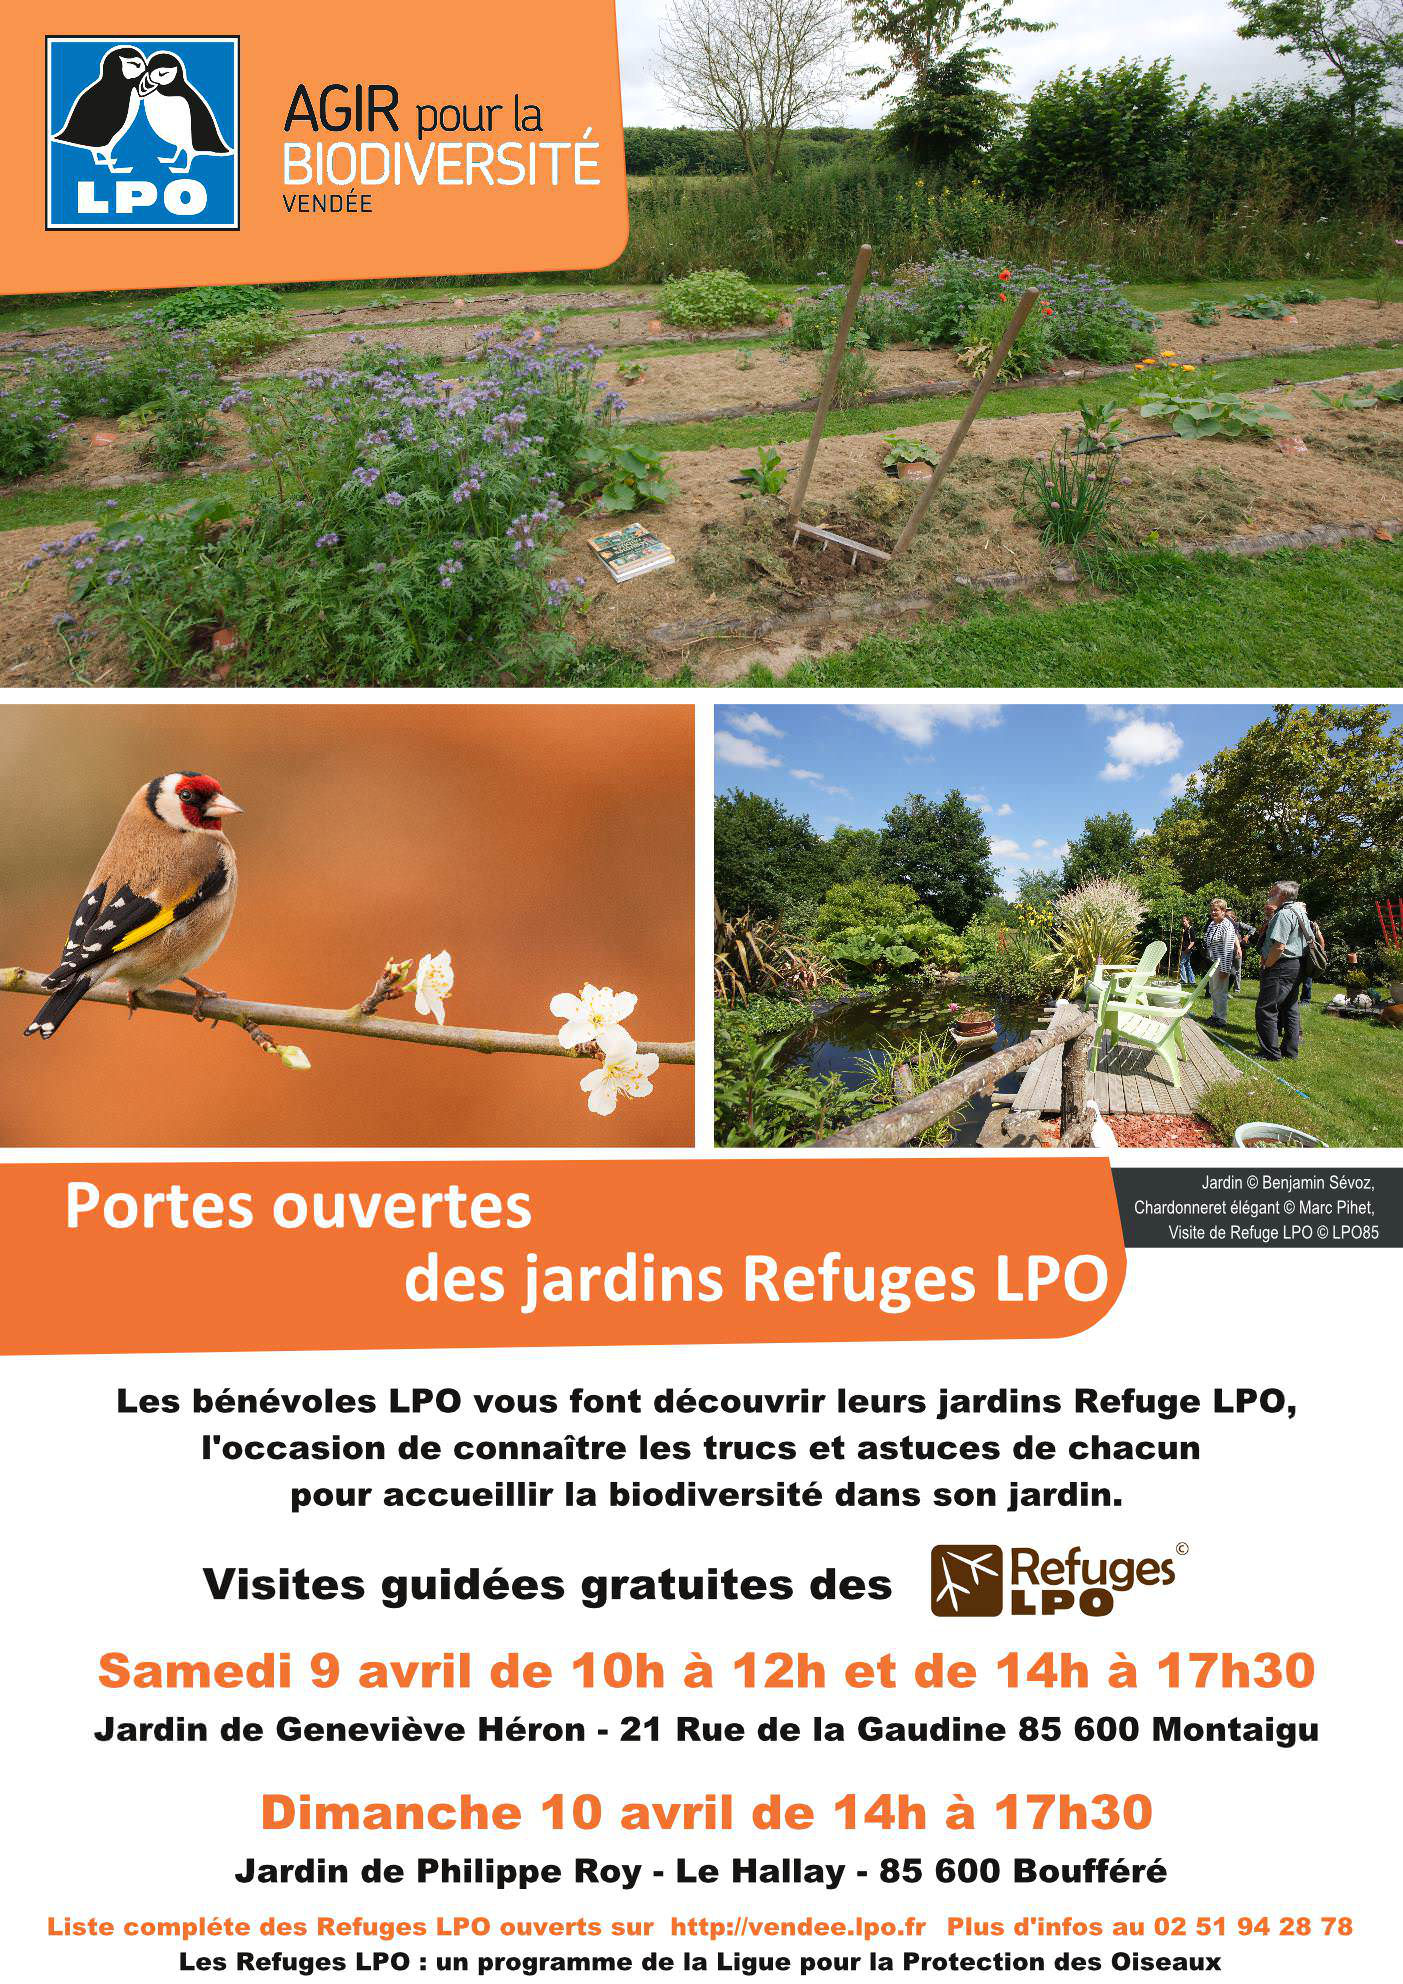 Portes ouvertes du jardin Refuge LPO de Philippe